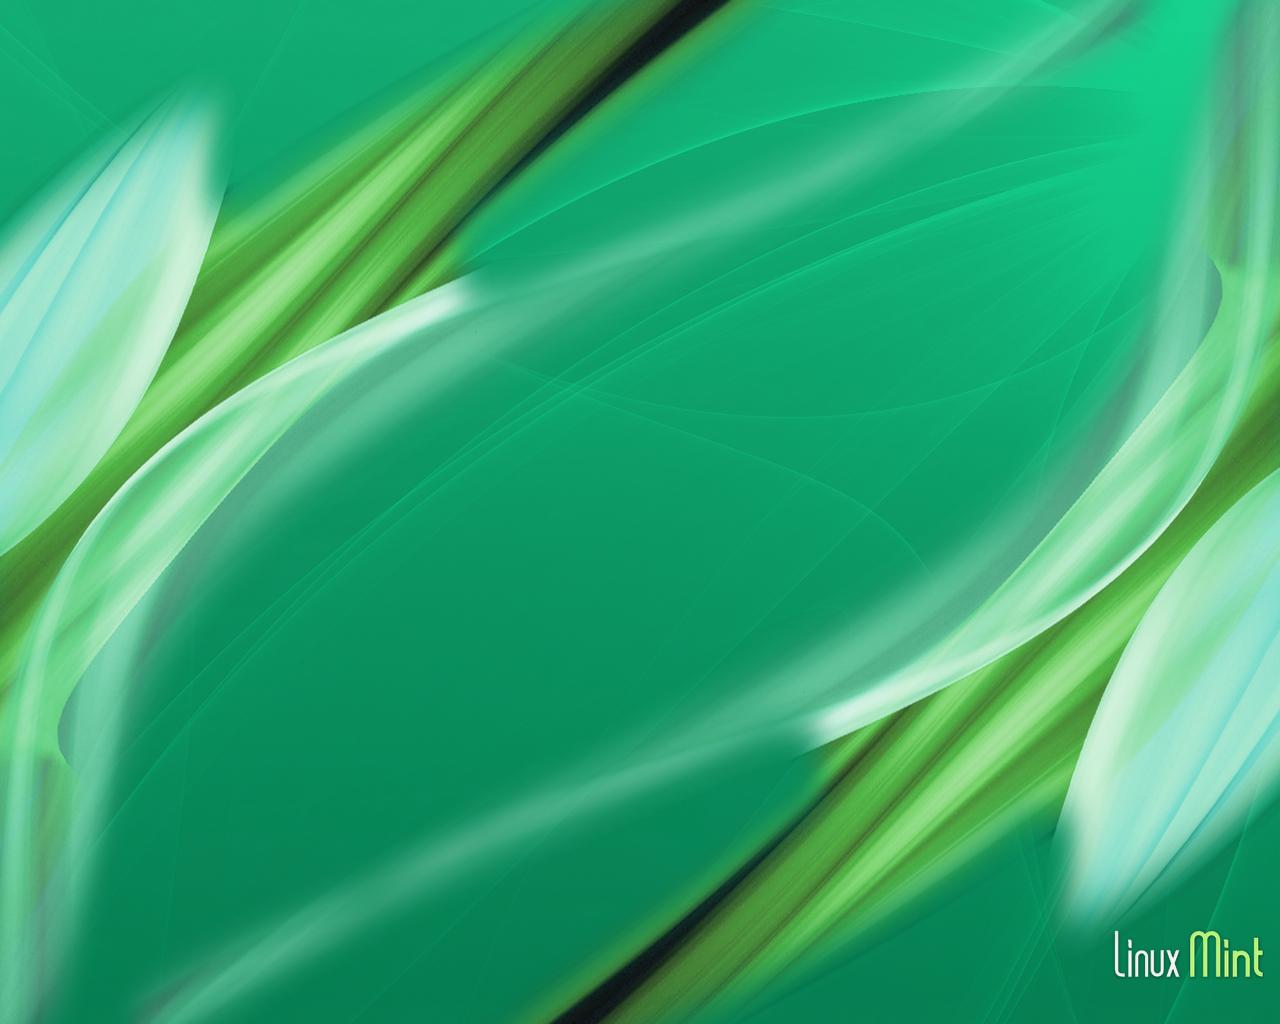 mint green desktop wallpaper